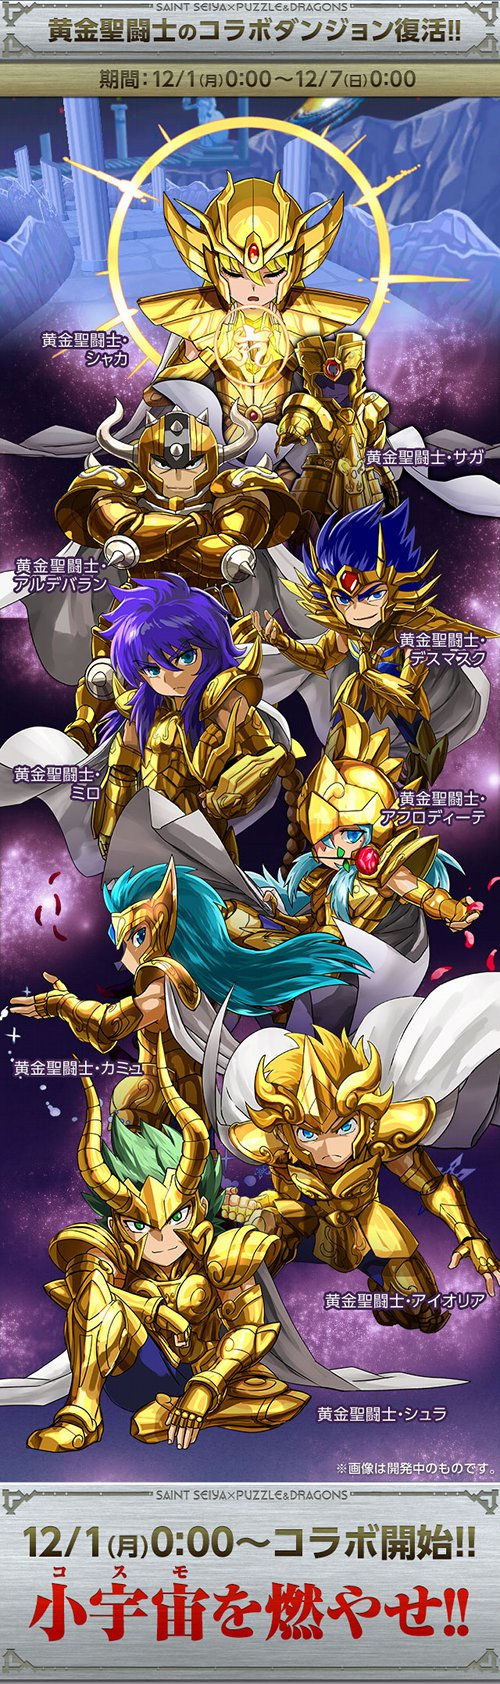 聖闘士星矢コラボ第二弾3